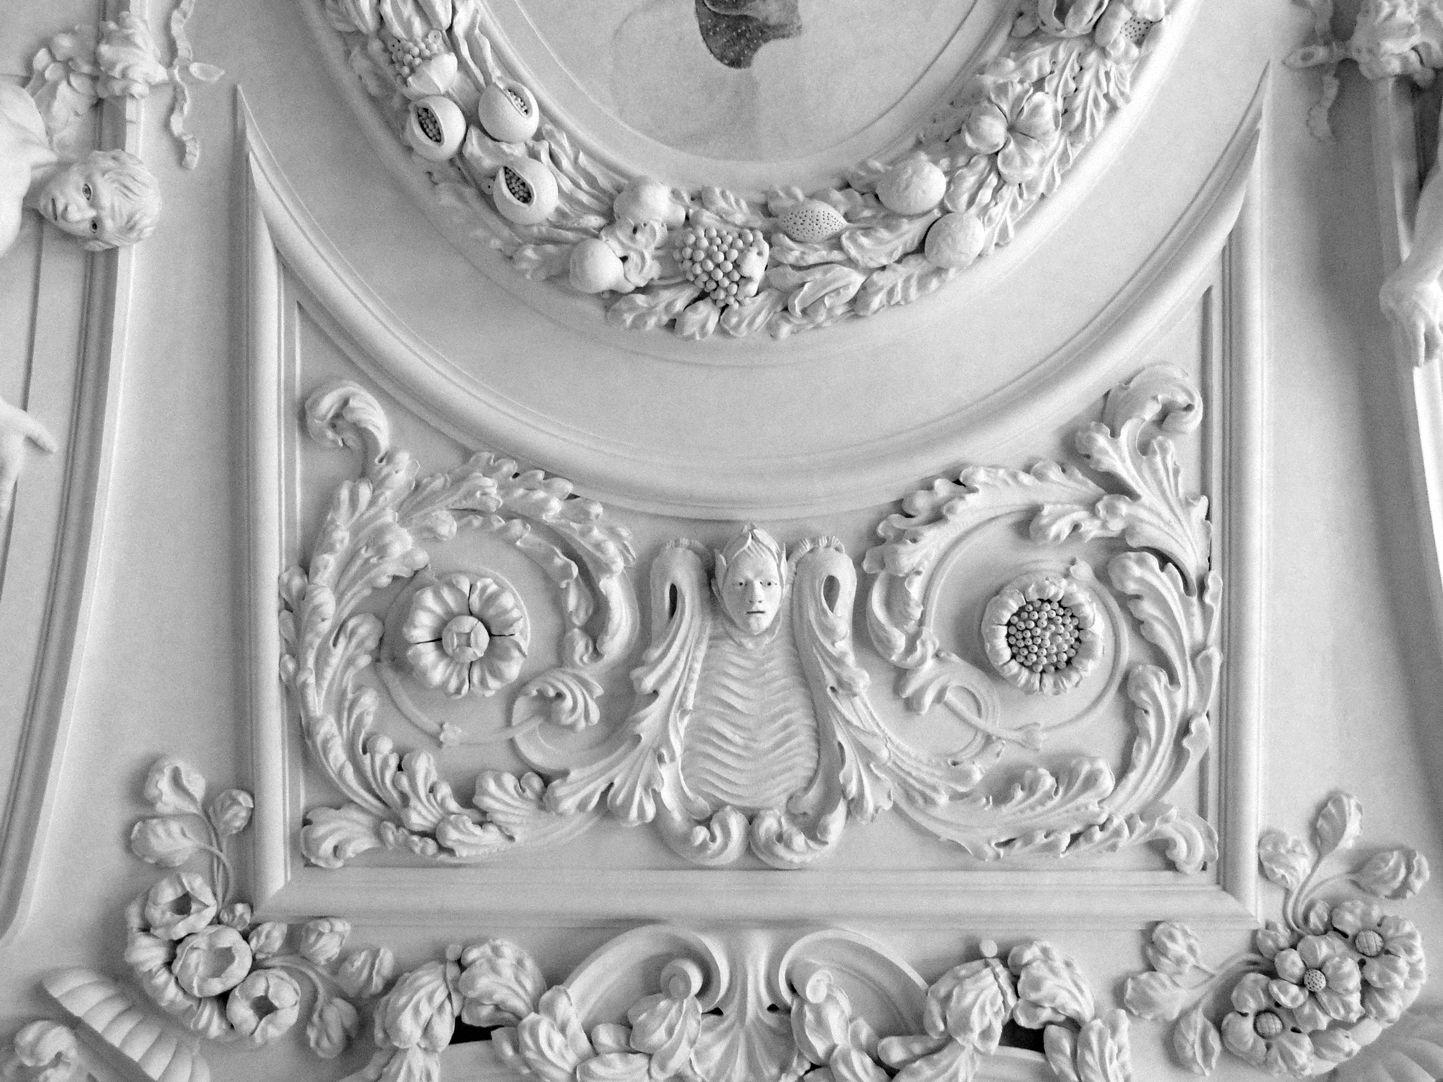 Stuckdecke aus dem Gartensaal des ehemaligen Merkelschen Anwesen Deckenstuckfeld an der westlichen Stirnseite